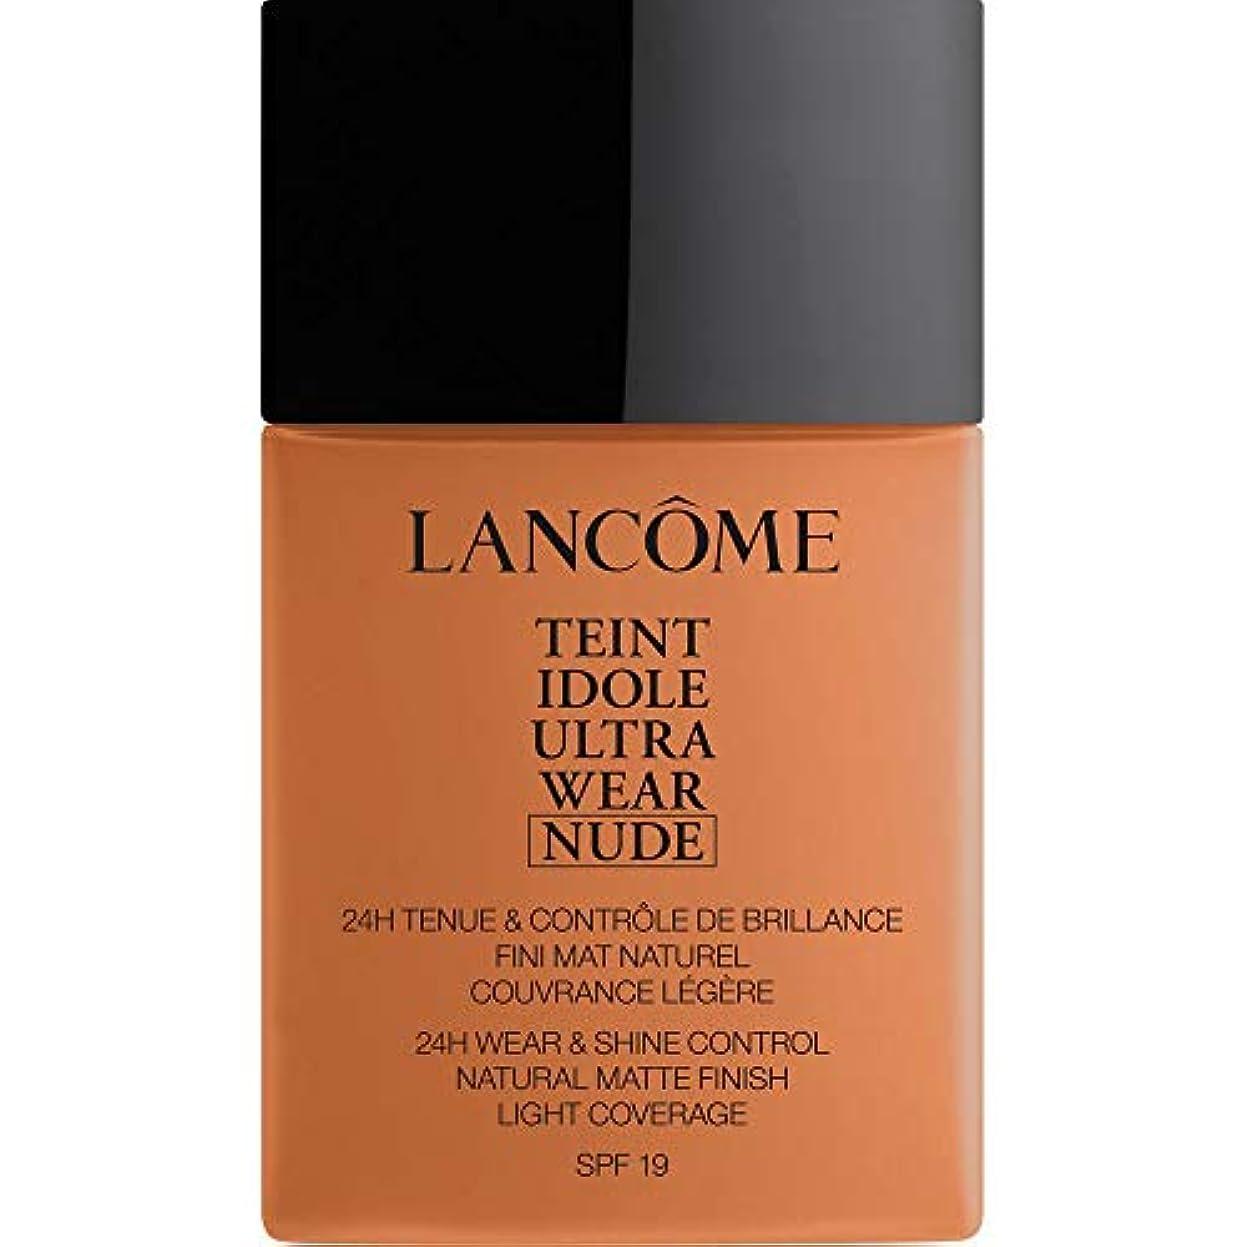 原始的な尊敬するワークショップ[Lanc?me ] ランコムTeintのIdole超摩耗ヌード財団Spf19の40ミリリットル09 - クッキー - Lancome Teint Idole Ultra Wear Nude Foundation SPF19...